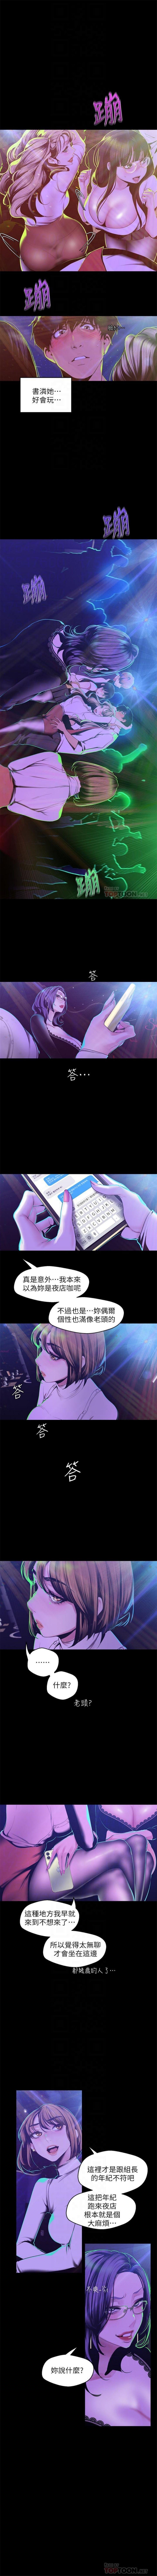 美麗新世界 1-85 官方中文(連載中) 638